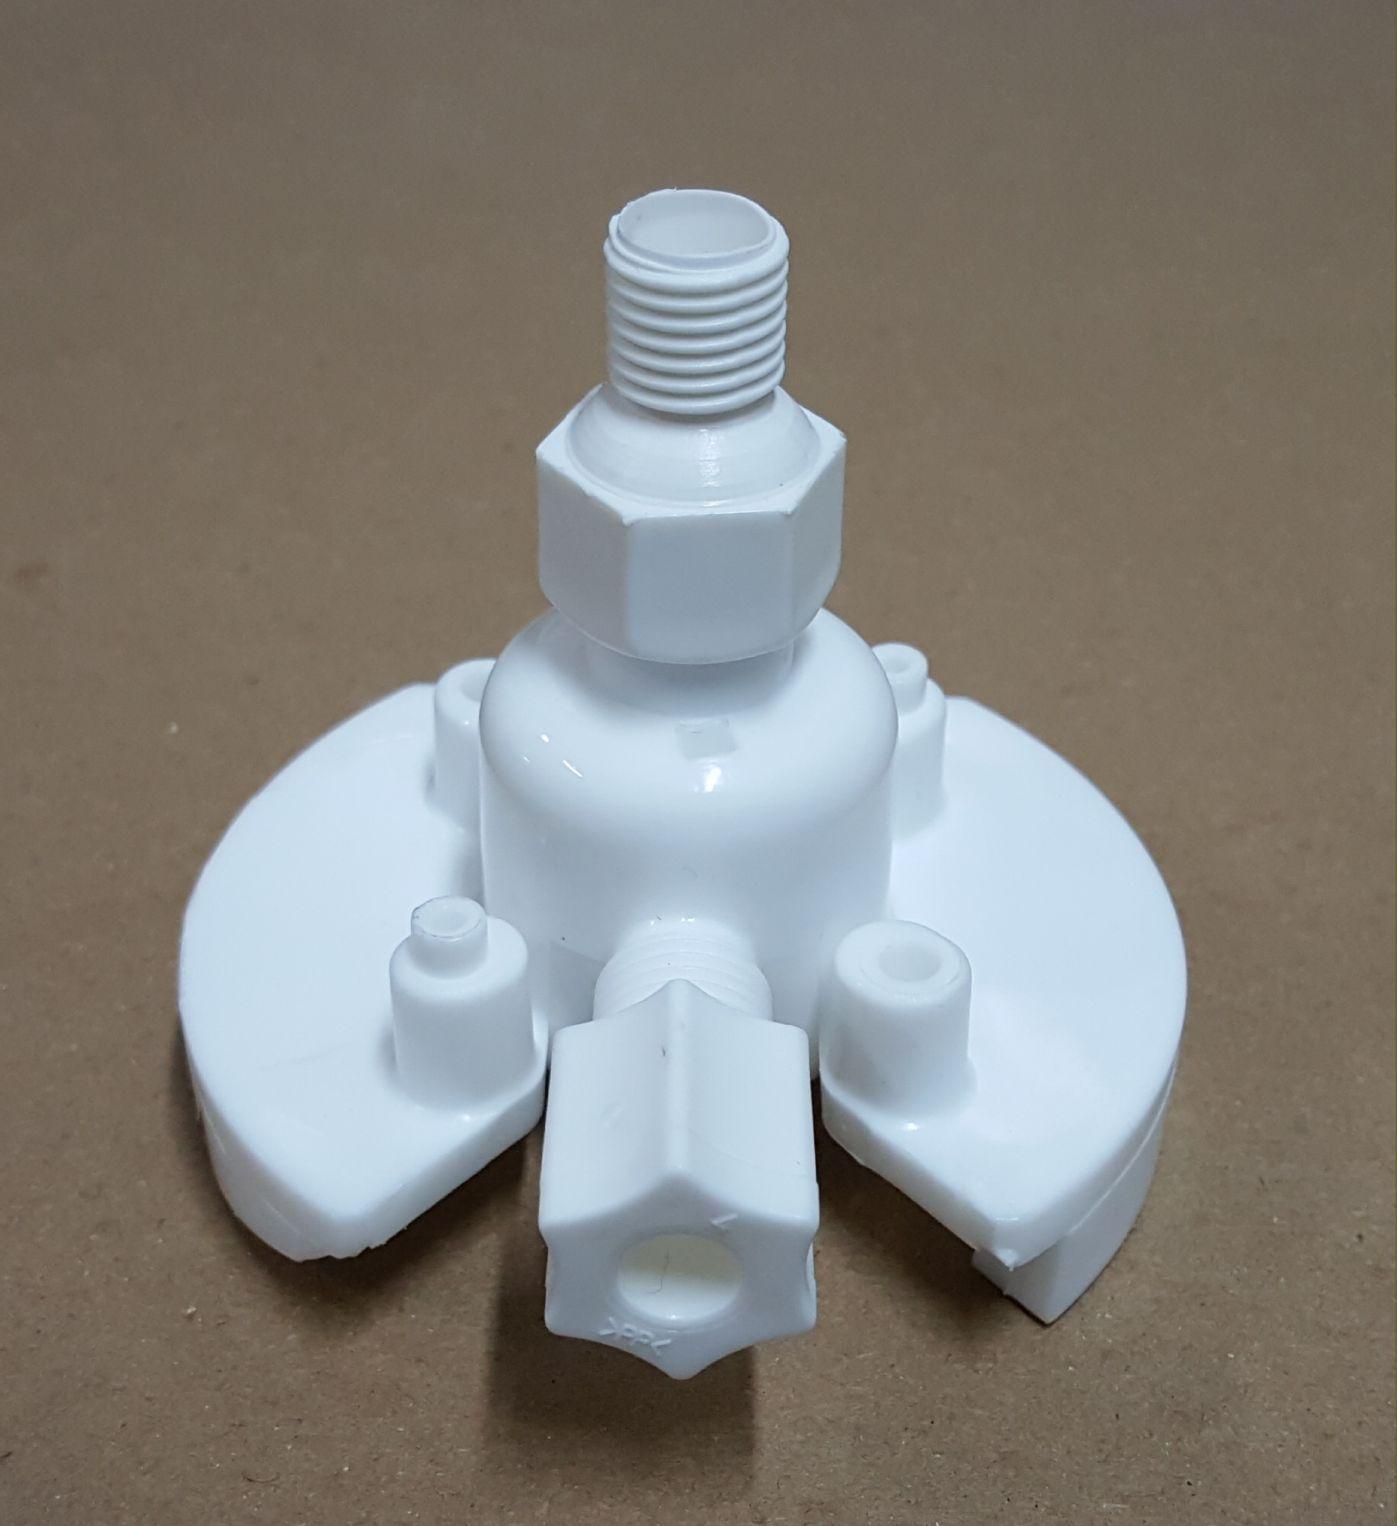 Cabeçote do Refil para Purificadores de Água FR600